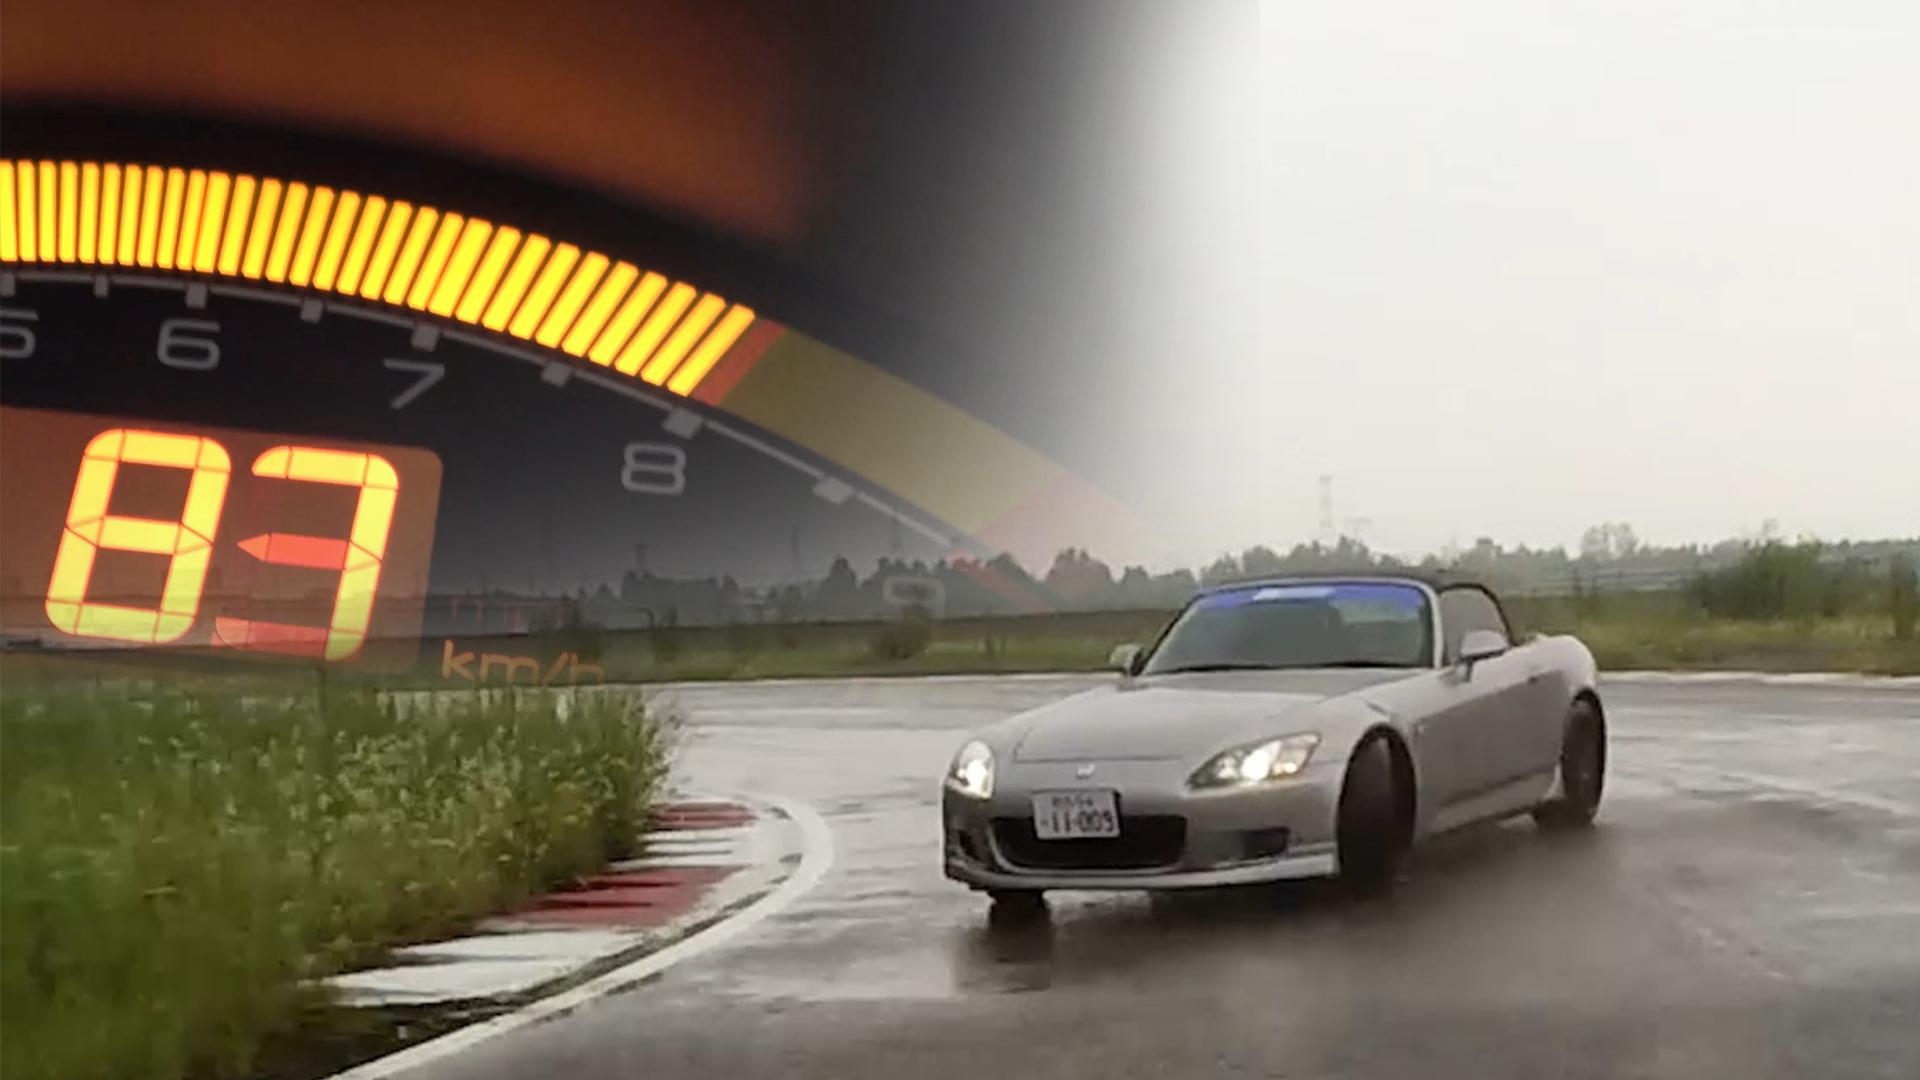 体验8000转换挡的激情 这辆20年的本田竟比超跑还爽